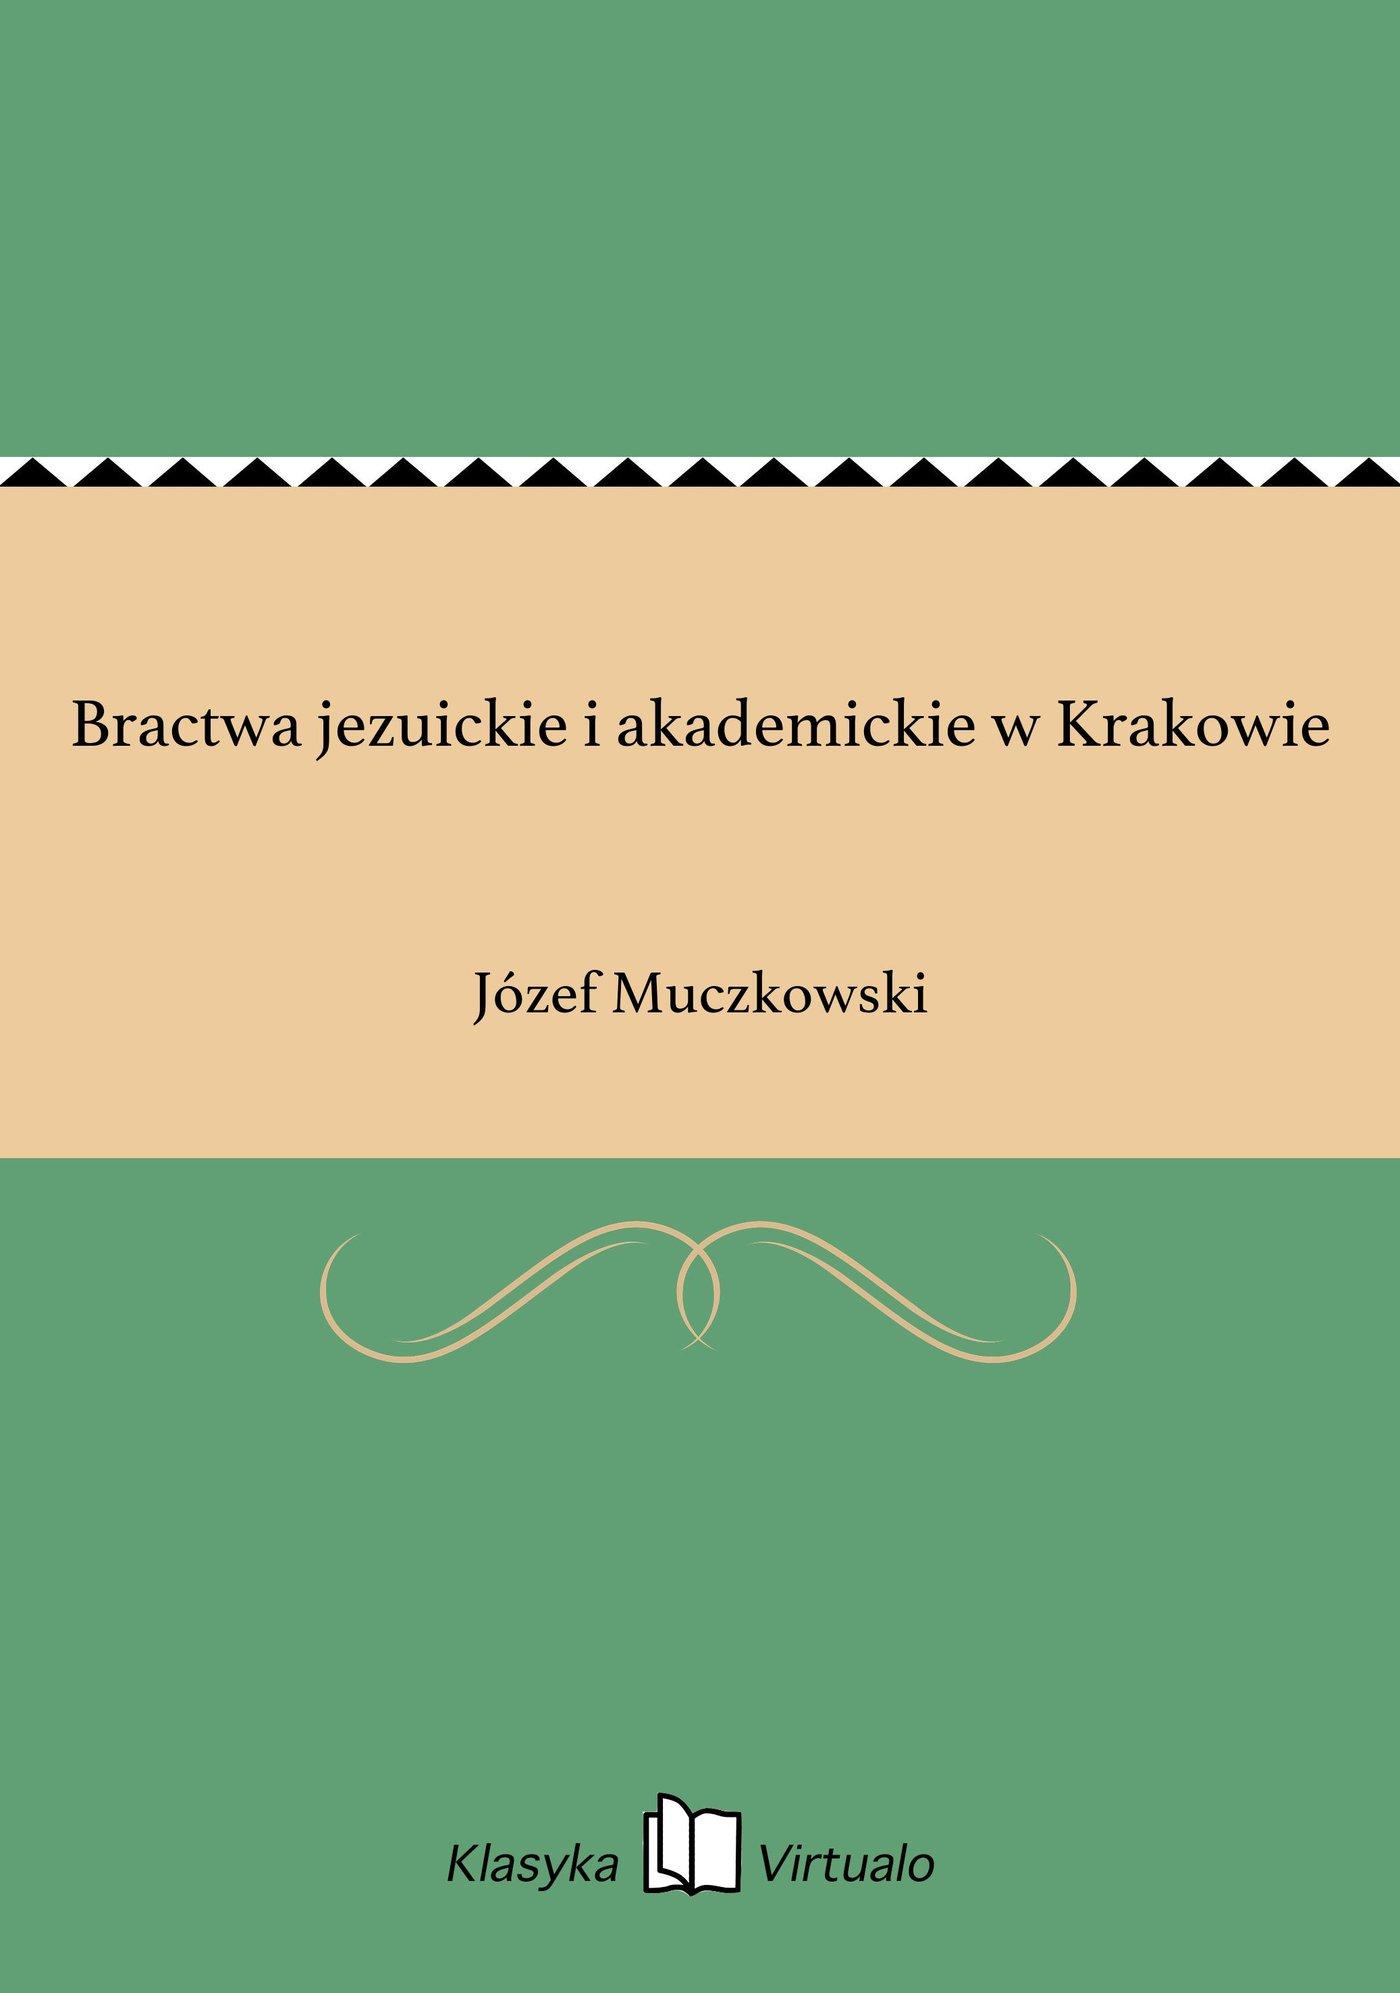 Bractwa jezuickie i akademickie w Krakowie - Ebook (Książka EPUB) do pobrania w formacie EPUB